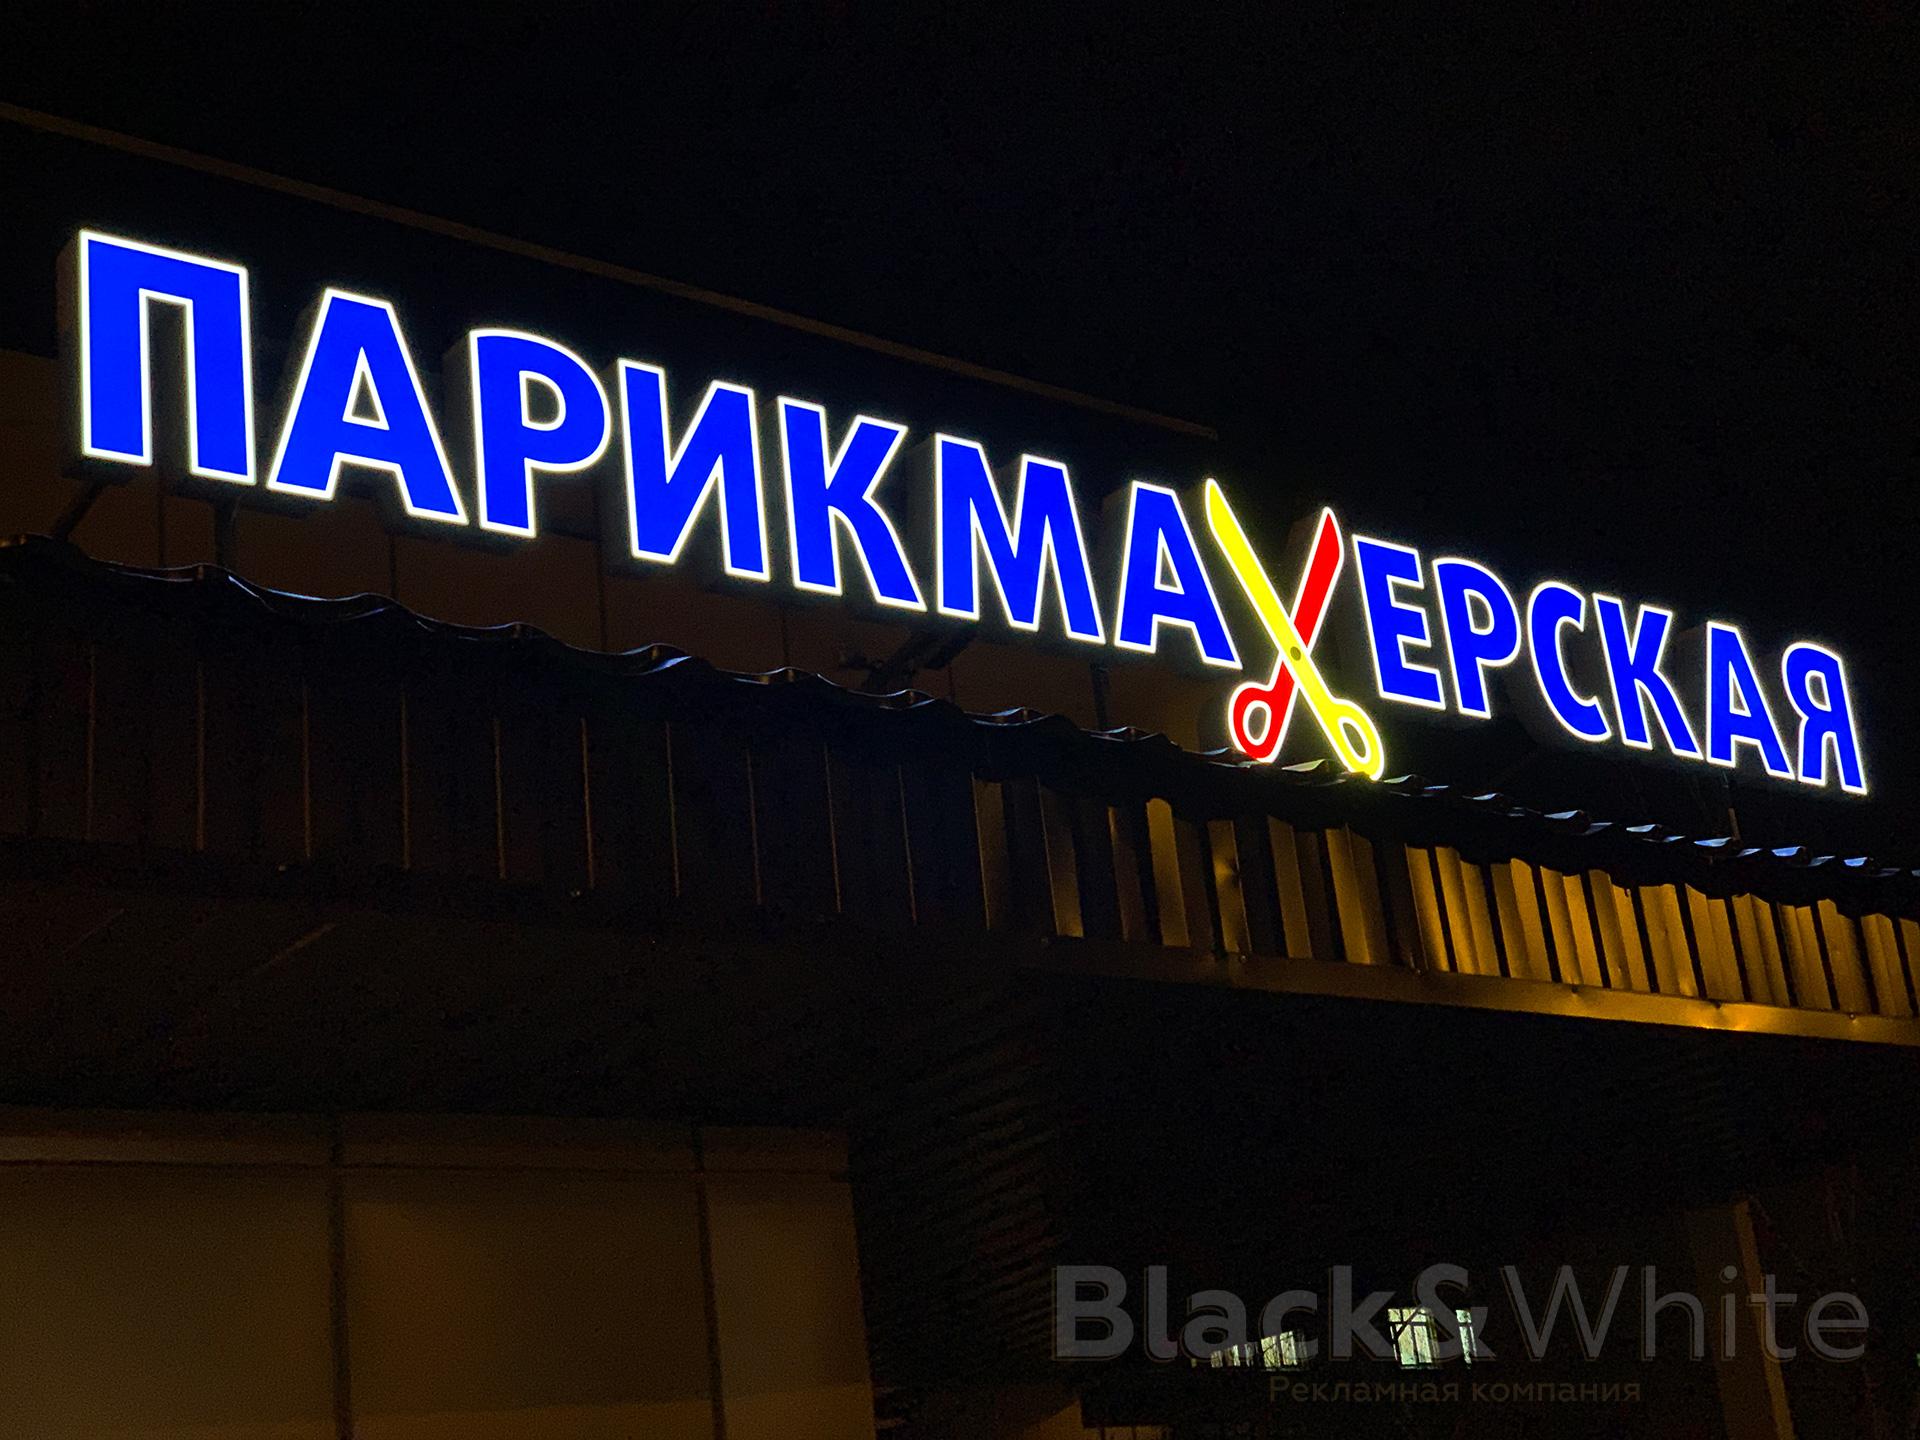 Вывески-с-объёмными-буквами-bw-красноярск.jpg